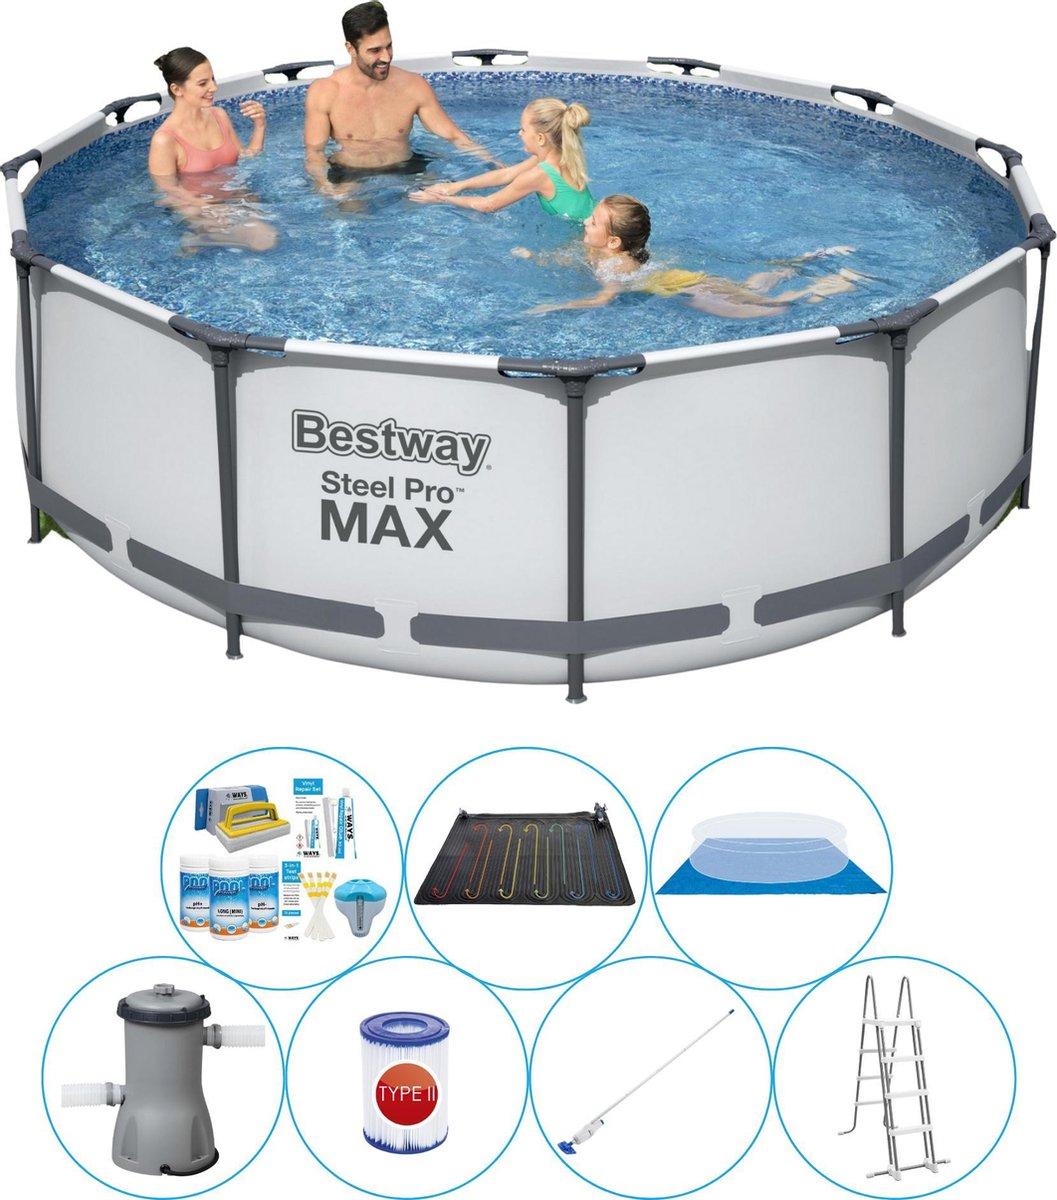 Bestway Steel Pro MAX Rond 366x100 cm - 8-delig - Zwembad Set